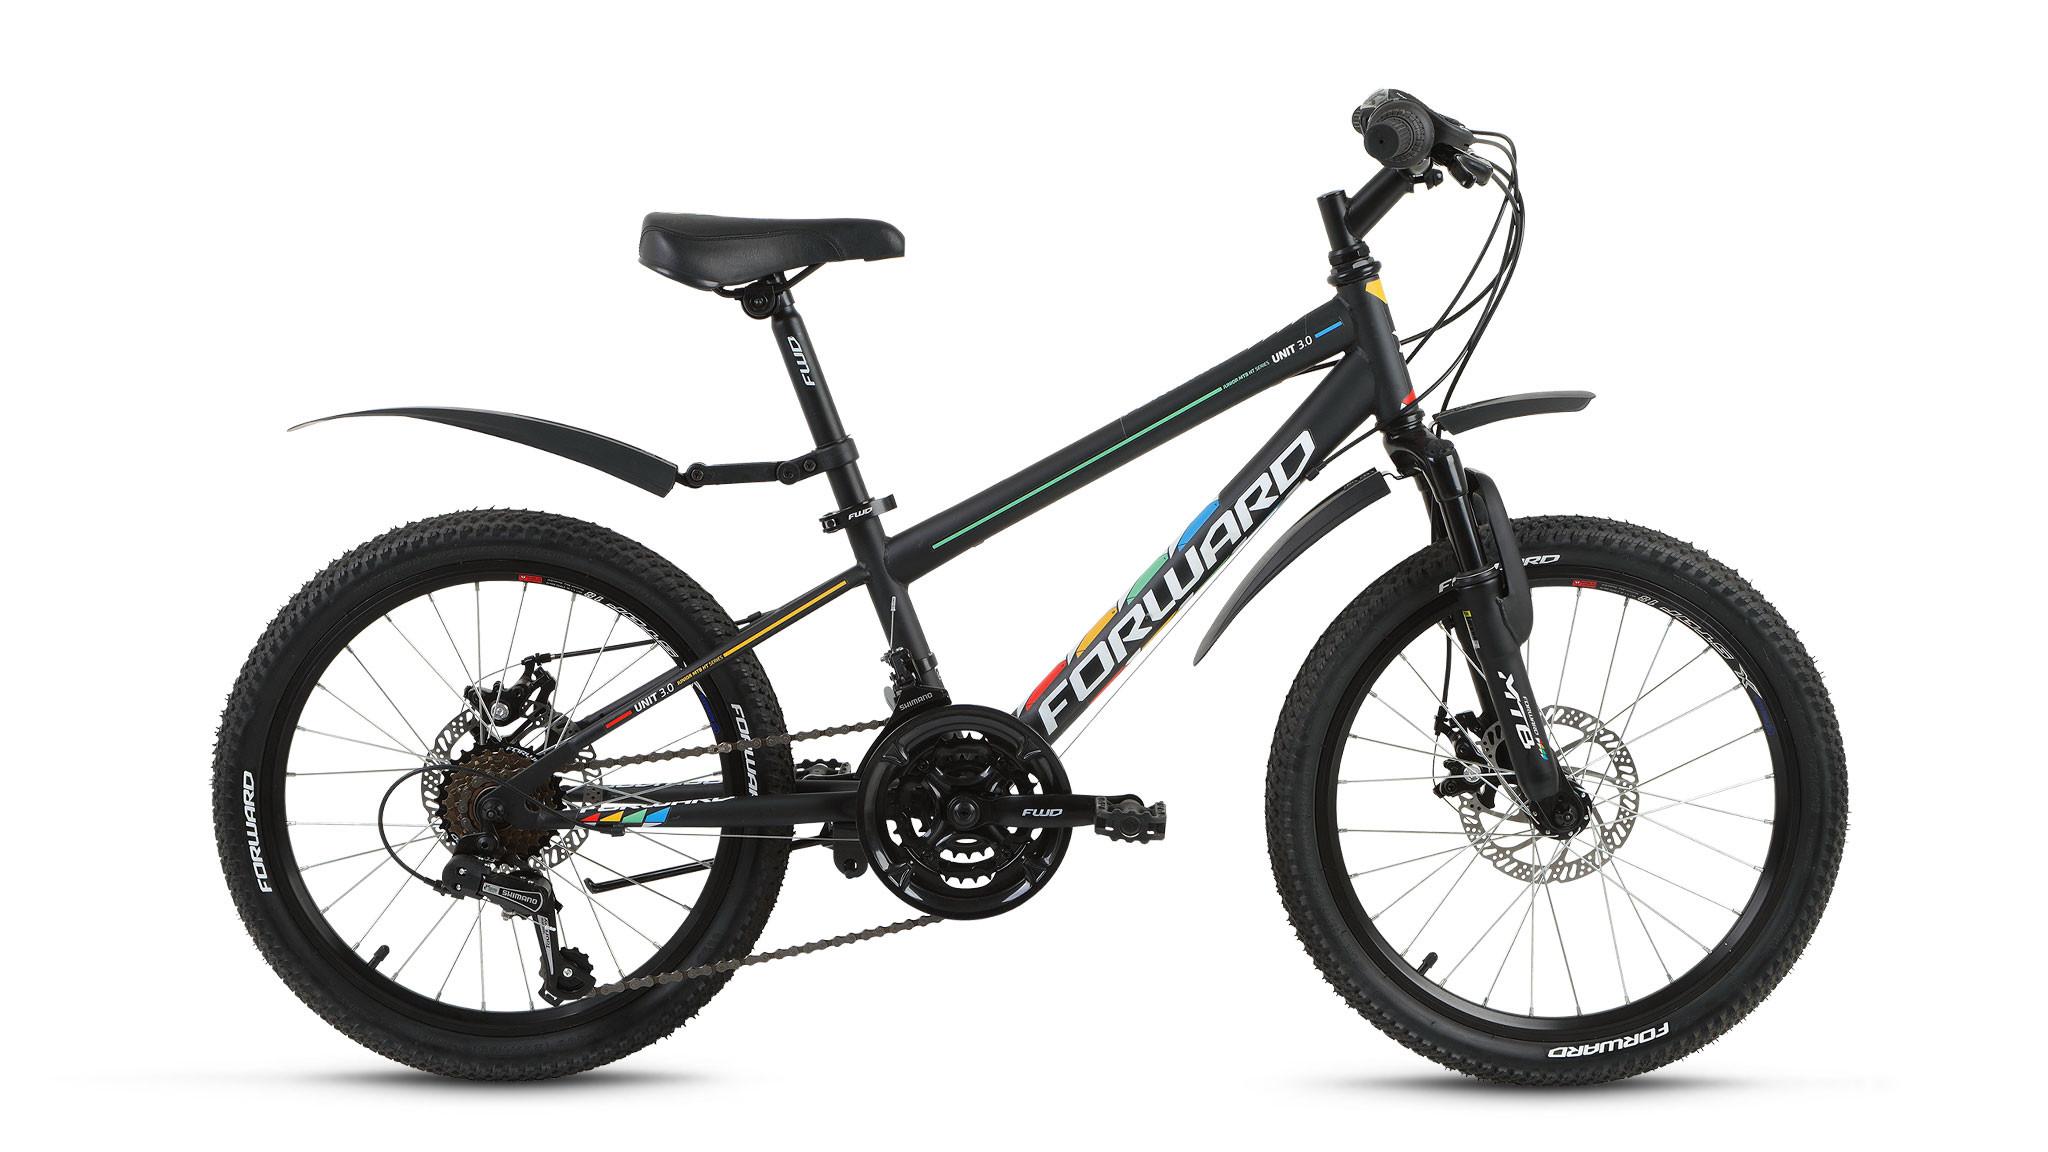 Детский велосипед Forward Unit 3.0 Disc 2018 черный матовый